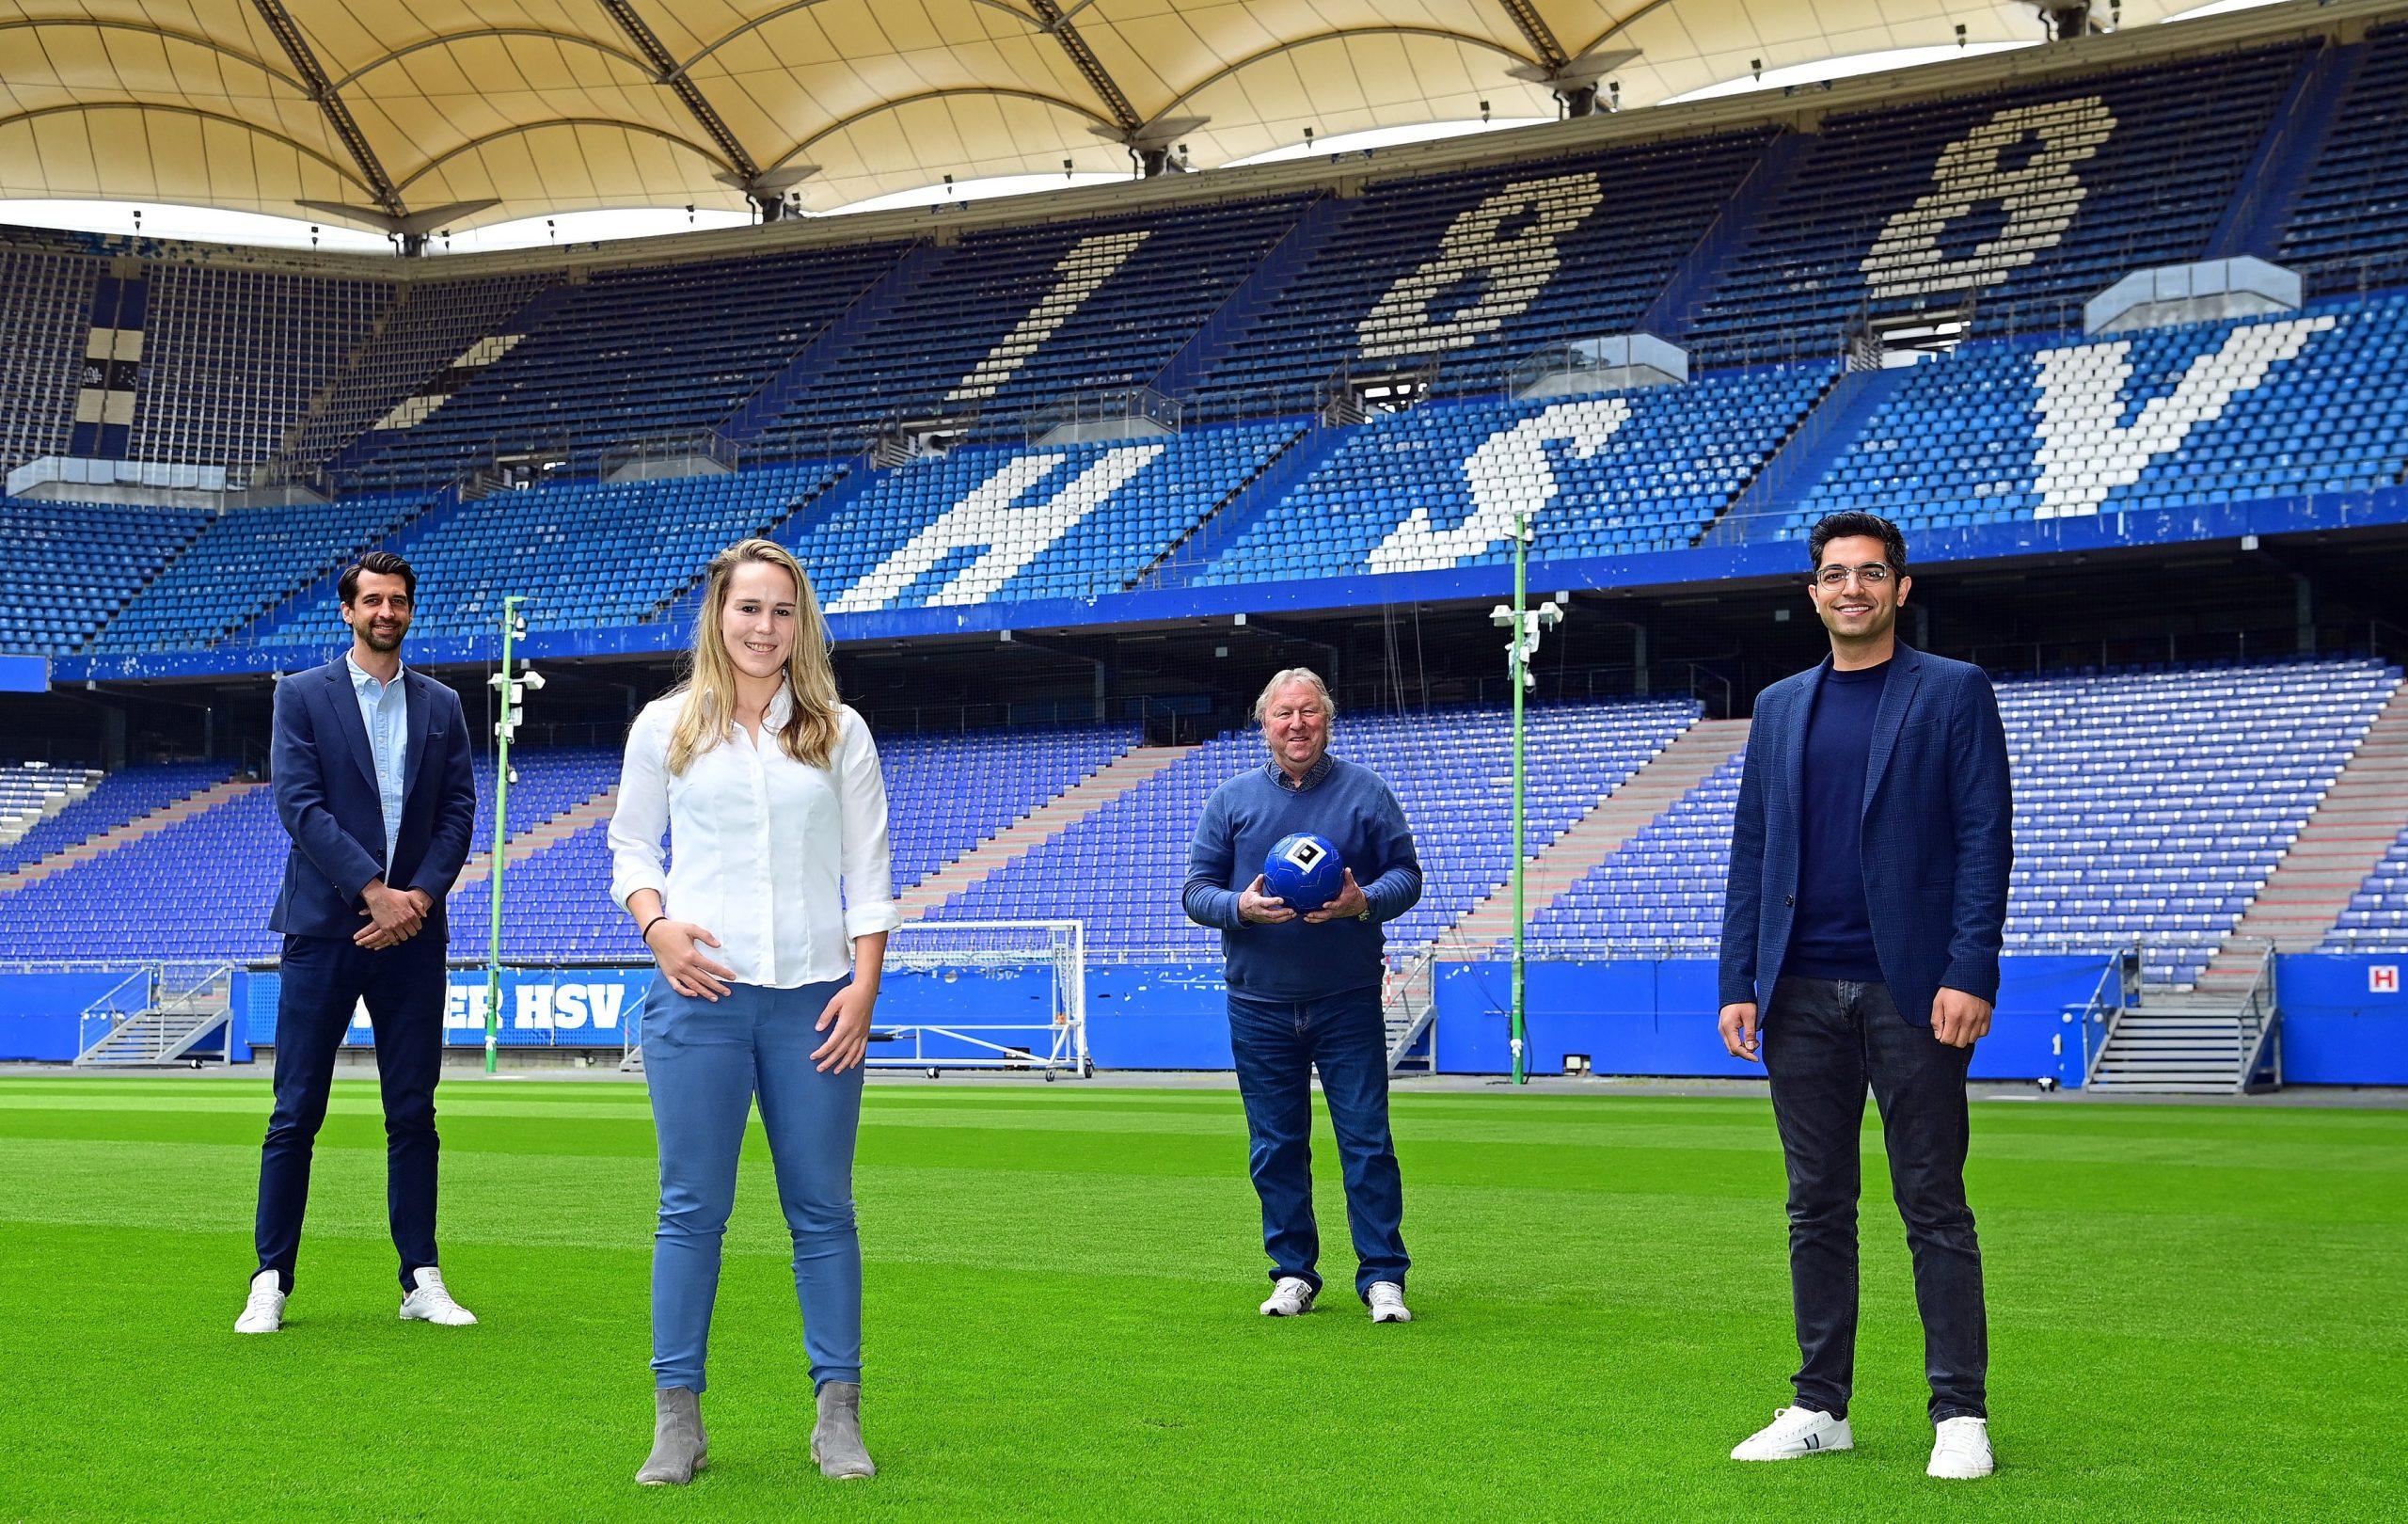 HSV/witters -(v.l.n.r.) Jonas Boldt (Vorstand Sport beim HSV) Catharina Schimpf (Koordinatorin Frauenfußball beim HSV) Horst Hrubesch (Direktor Nachwuchs beim HSV) und Kumar Tschana (Geschäftsführer HSV e.V.) wollen den HSV-Frauen-Fußball wieder zu alter Stärke führen